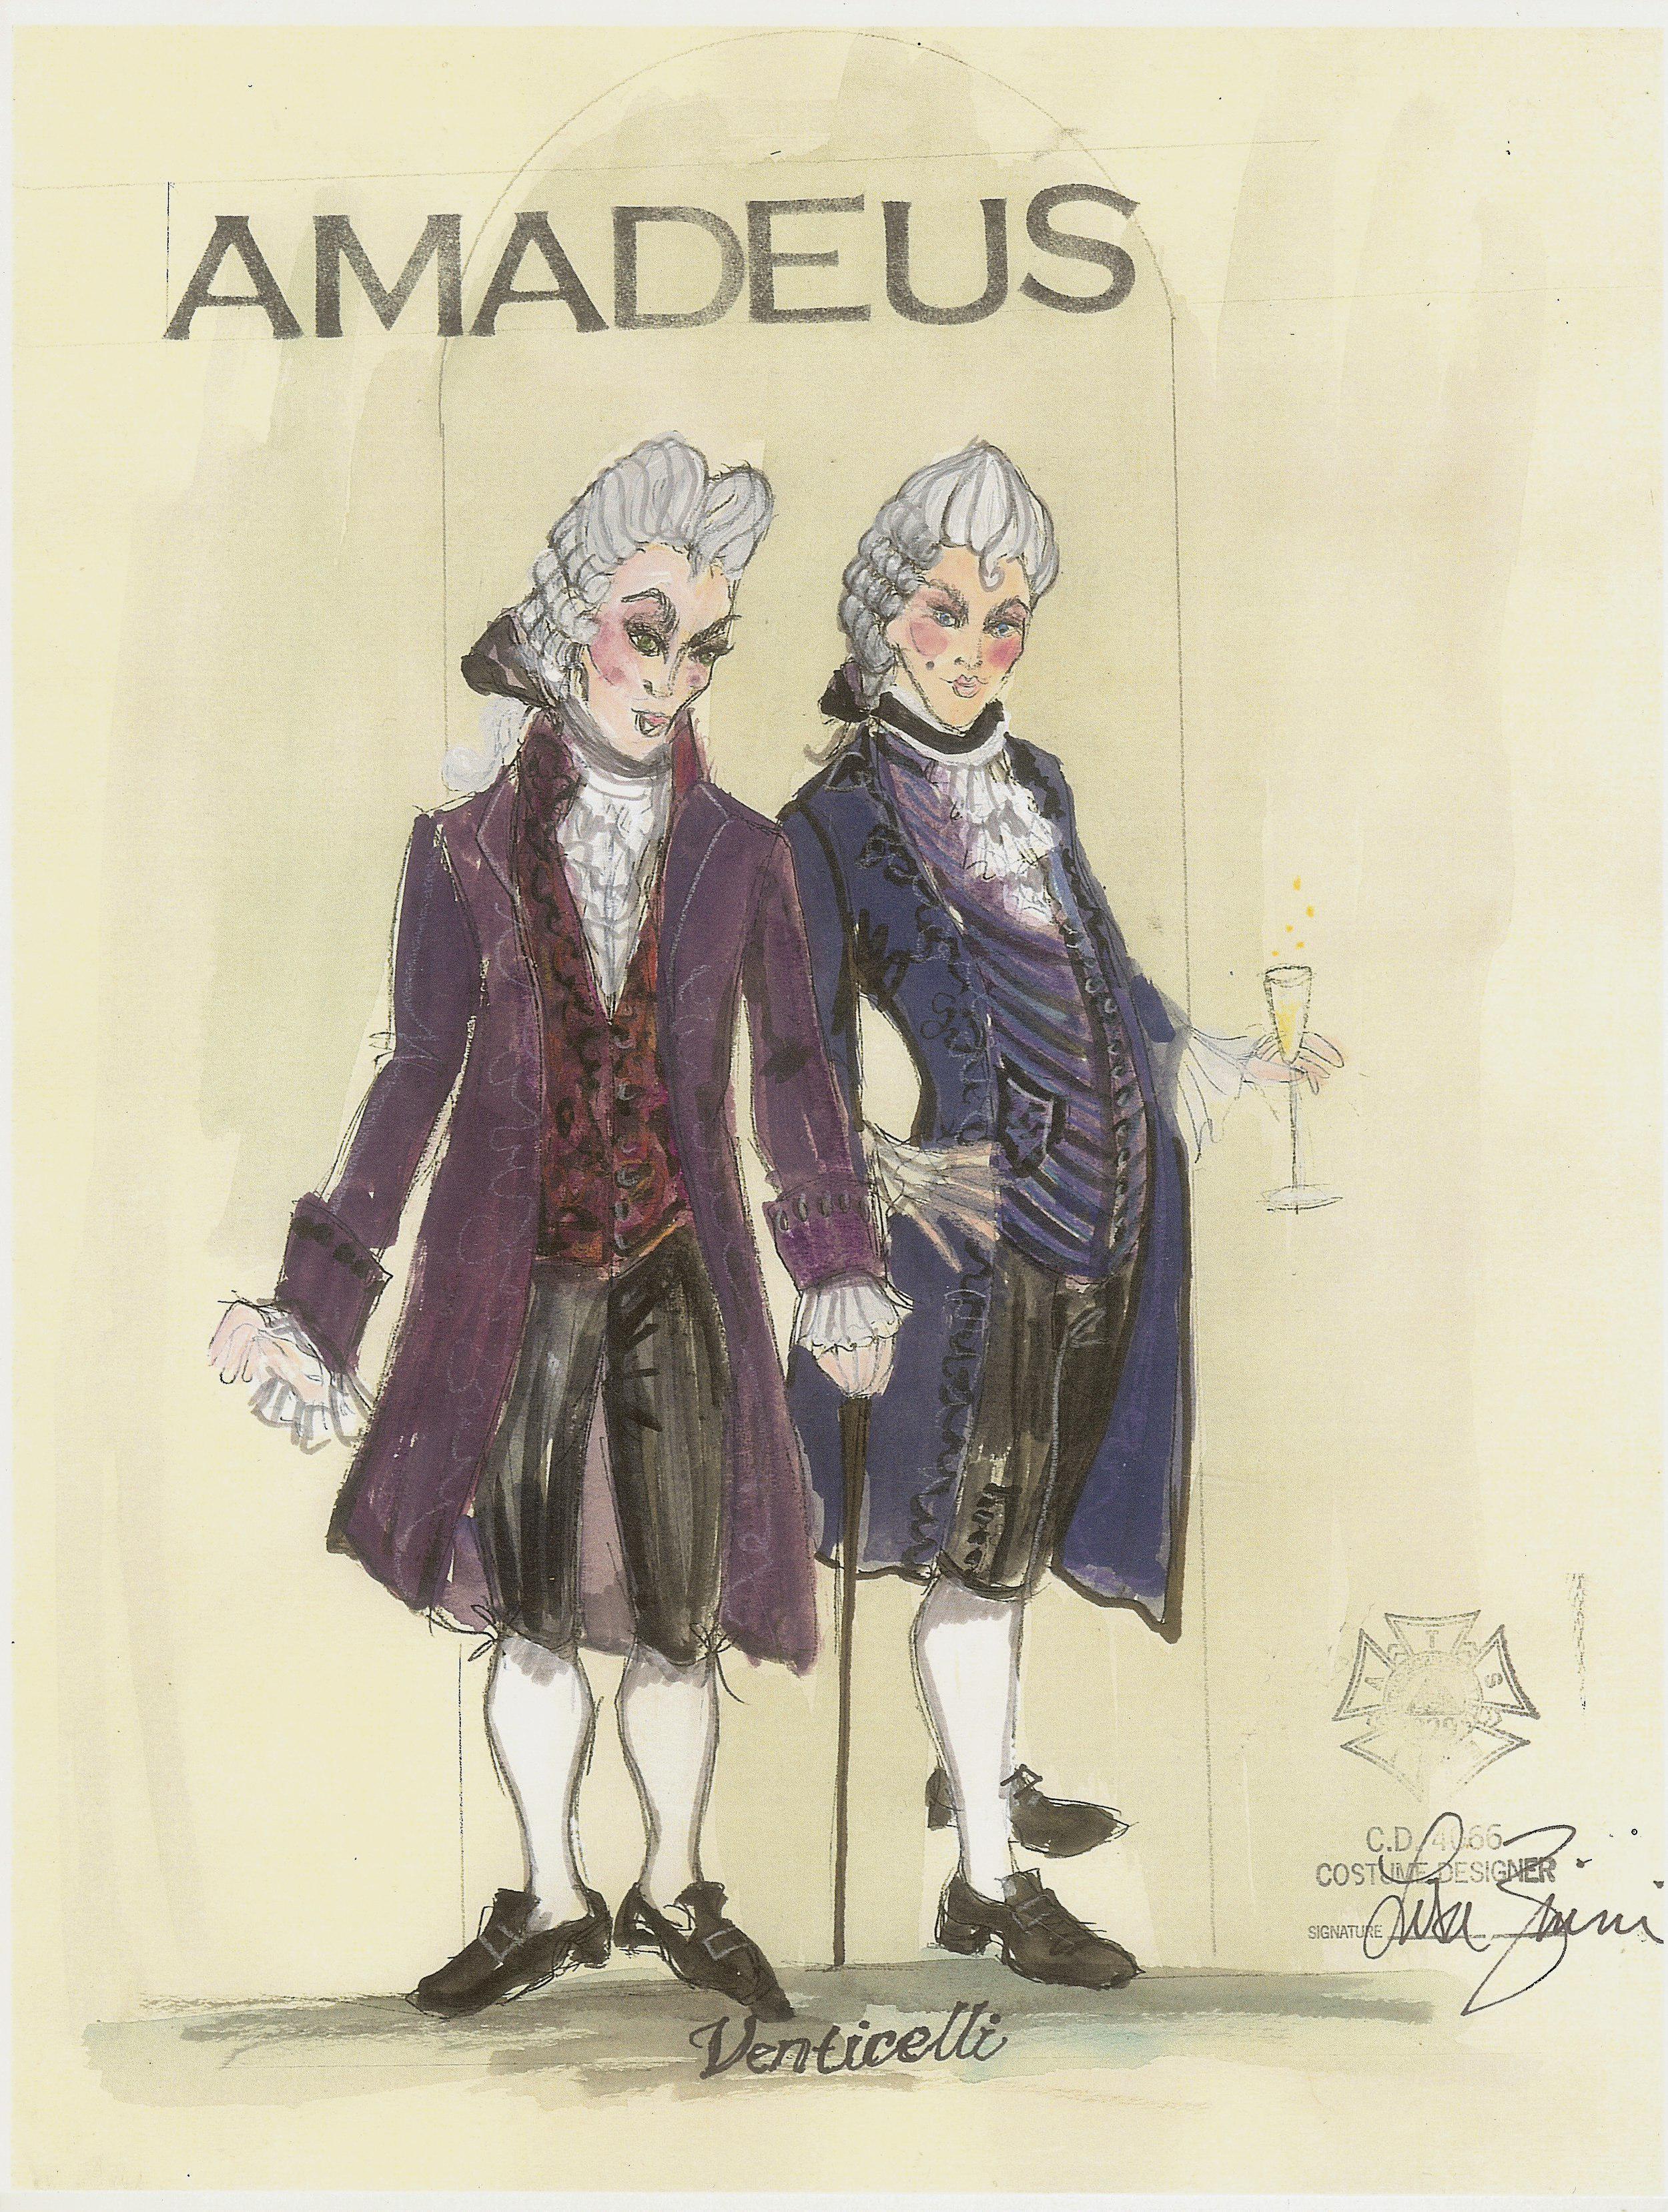 3 Amadeus-venticilli.jpg